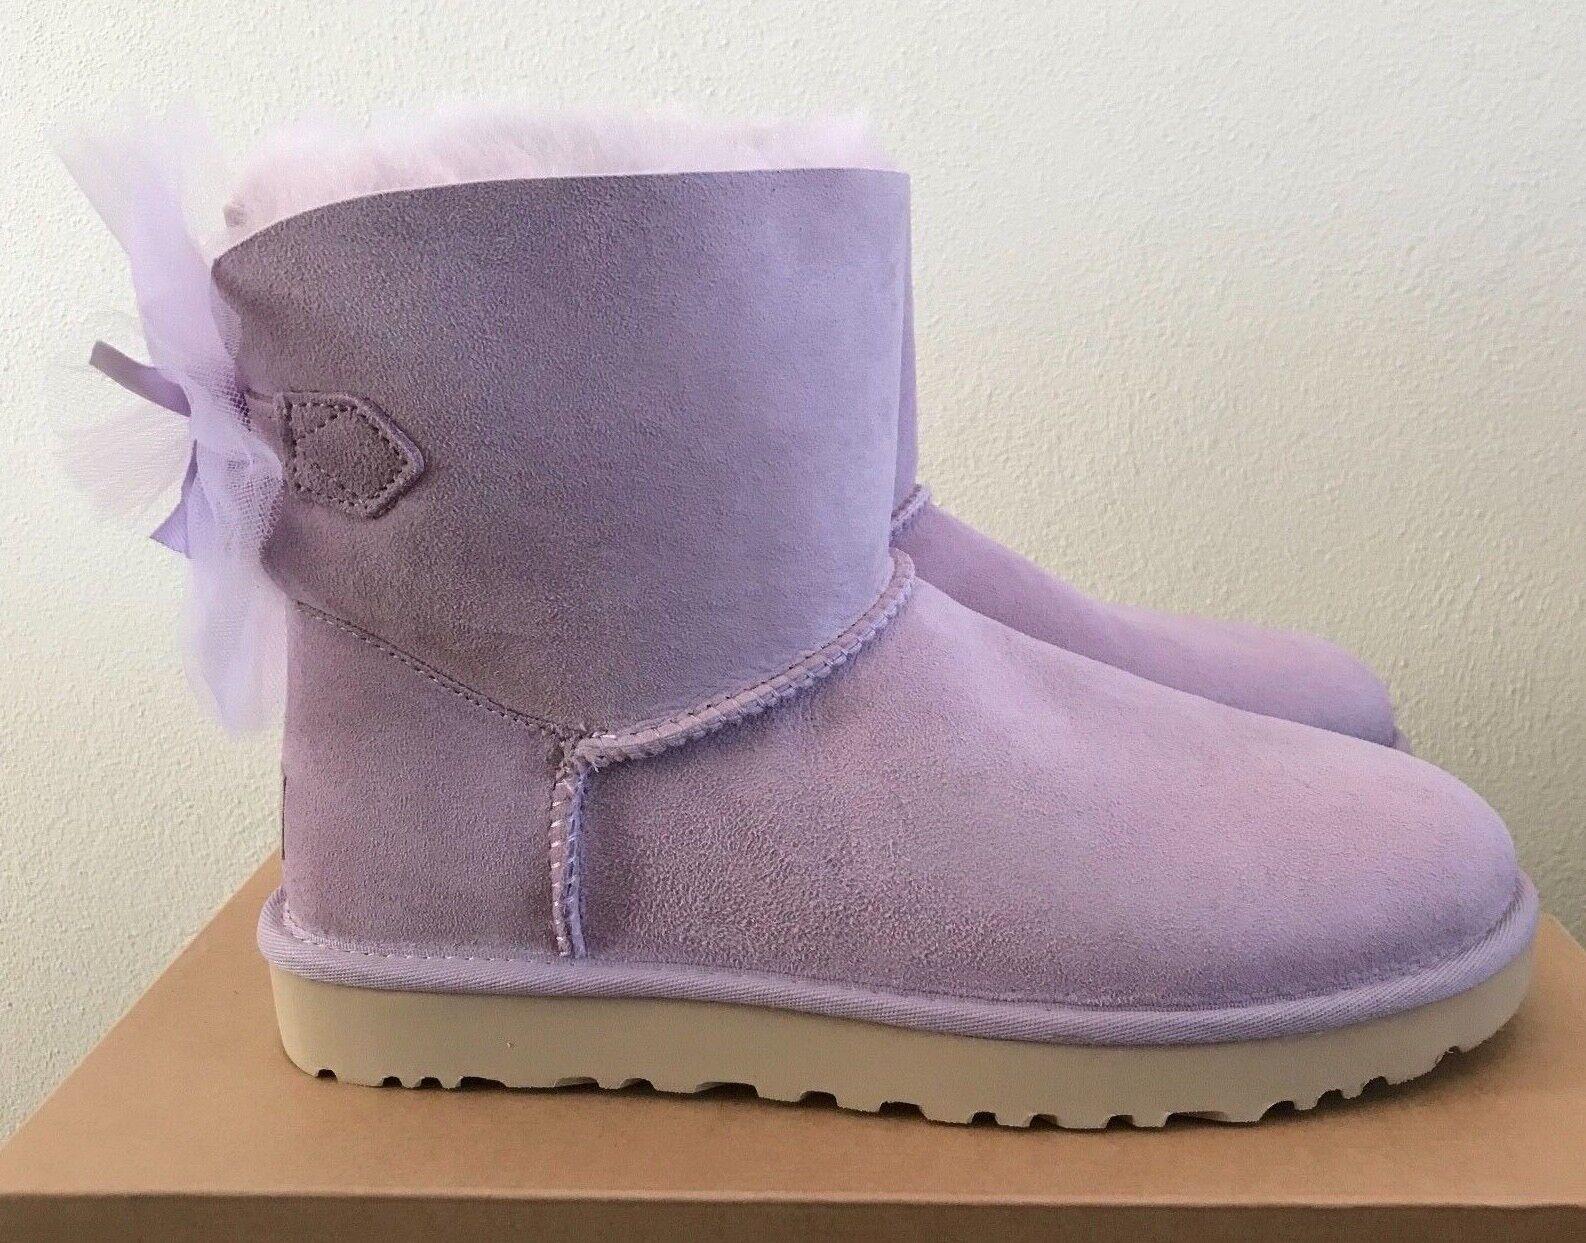 UGG Femmes Mini Bailey Tulle Bow Bottes - Bottes chaudes à la lavande - Taille 8 en peau de mouton